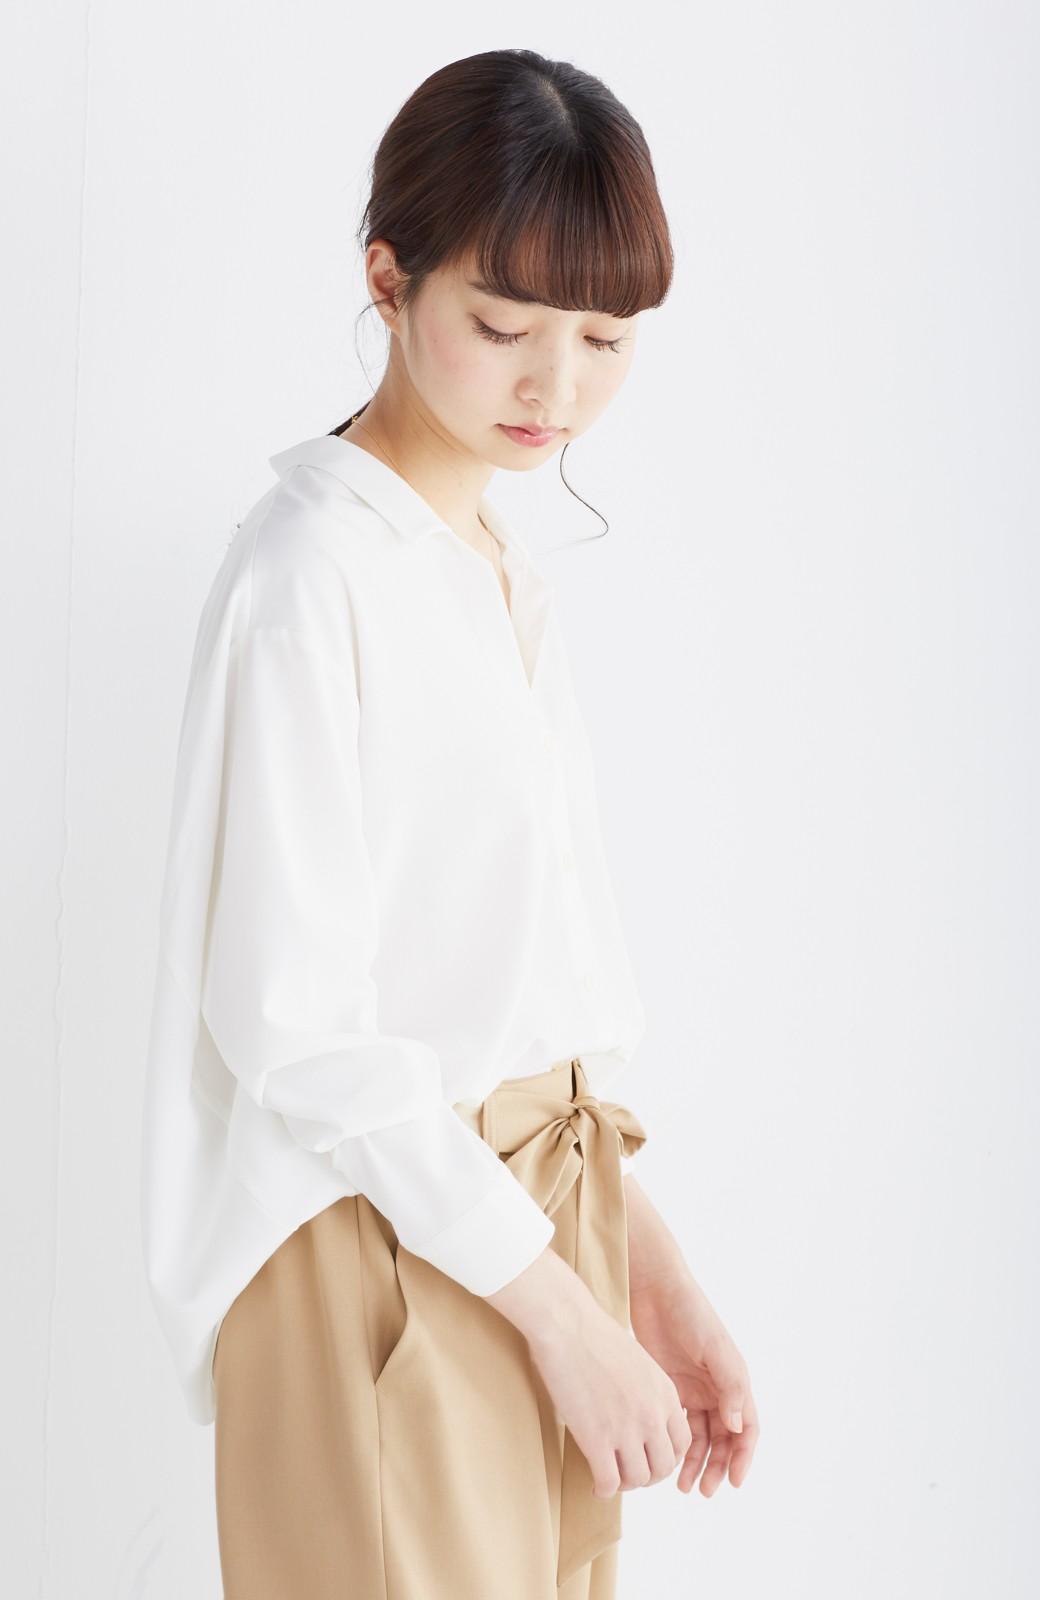 エムトロワ 女らしくてかっこいい スキッパー&抜き衿のとろみシャツ <ホワイト>の商品写真12